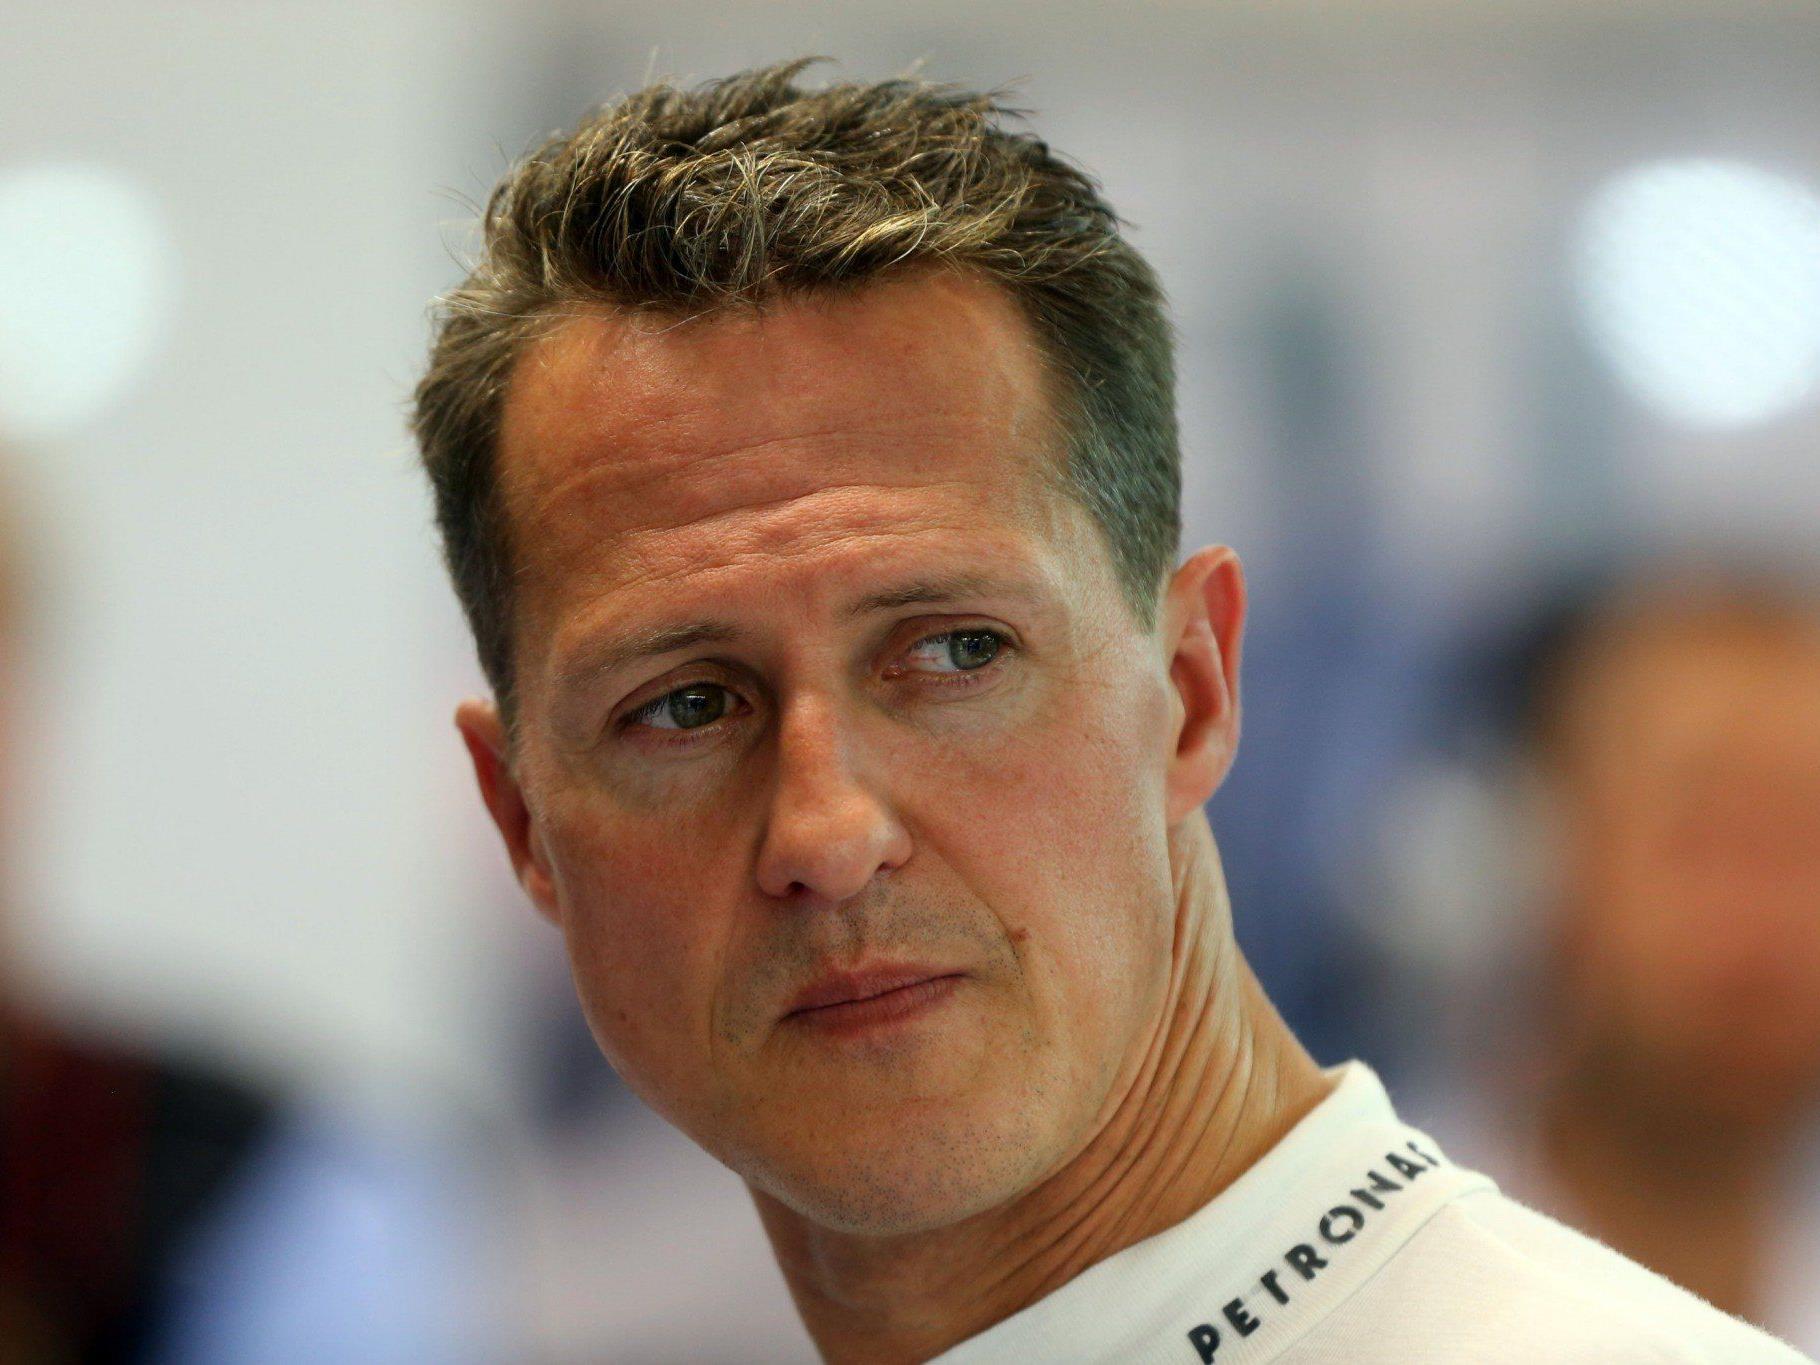 Schumacher war vor einer Woche von der Uniklinik in Grenoble nach Lausanne verlegt worden, nachdem er nicht mehr im Koma lag.